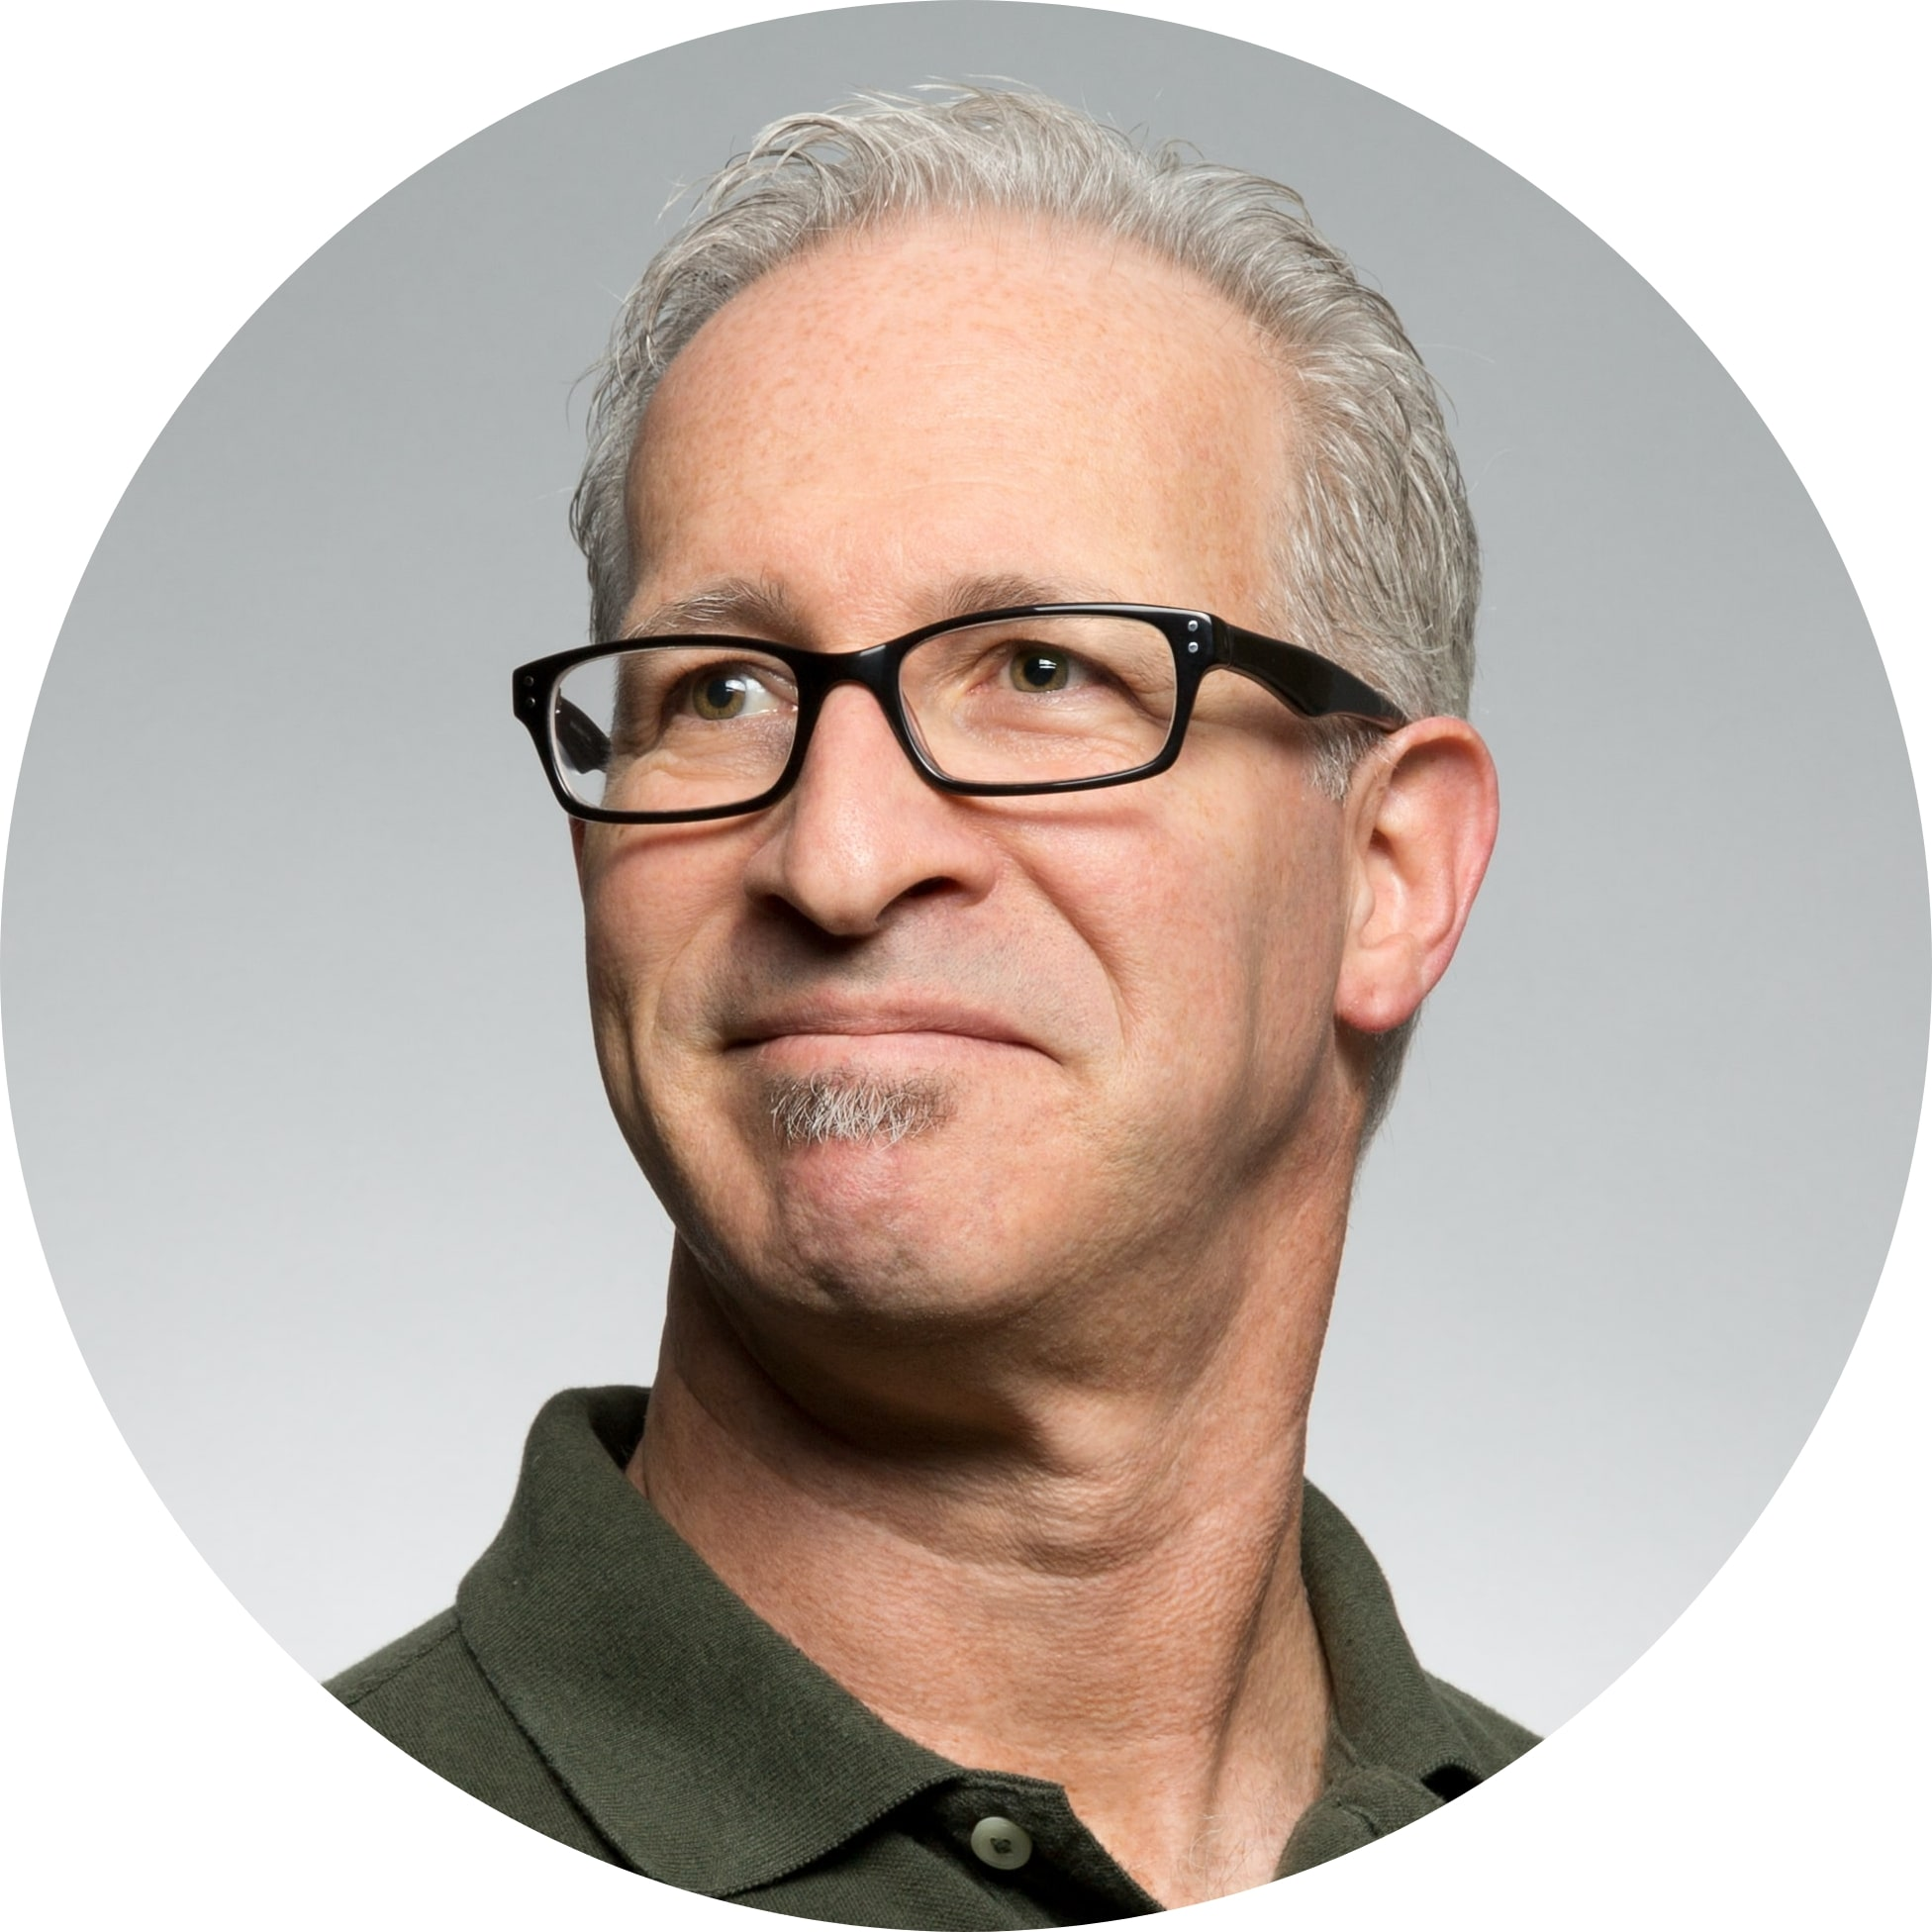 Michael S., 57 Years